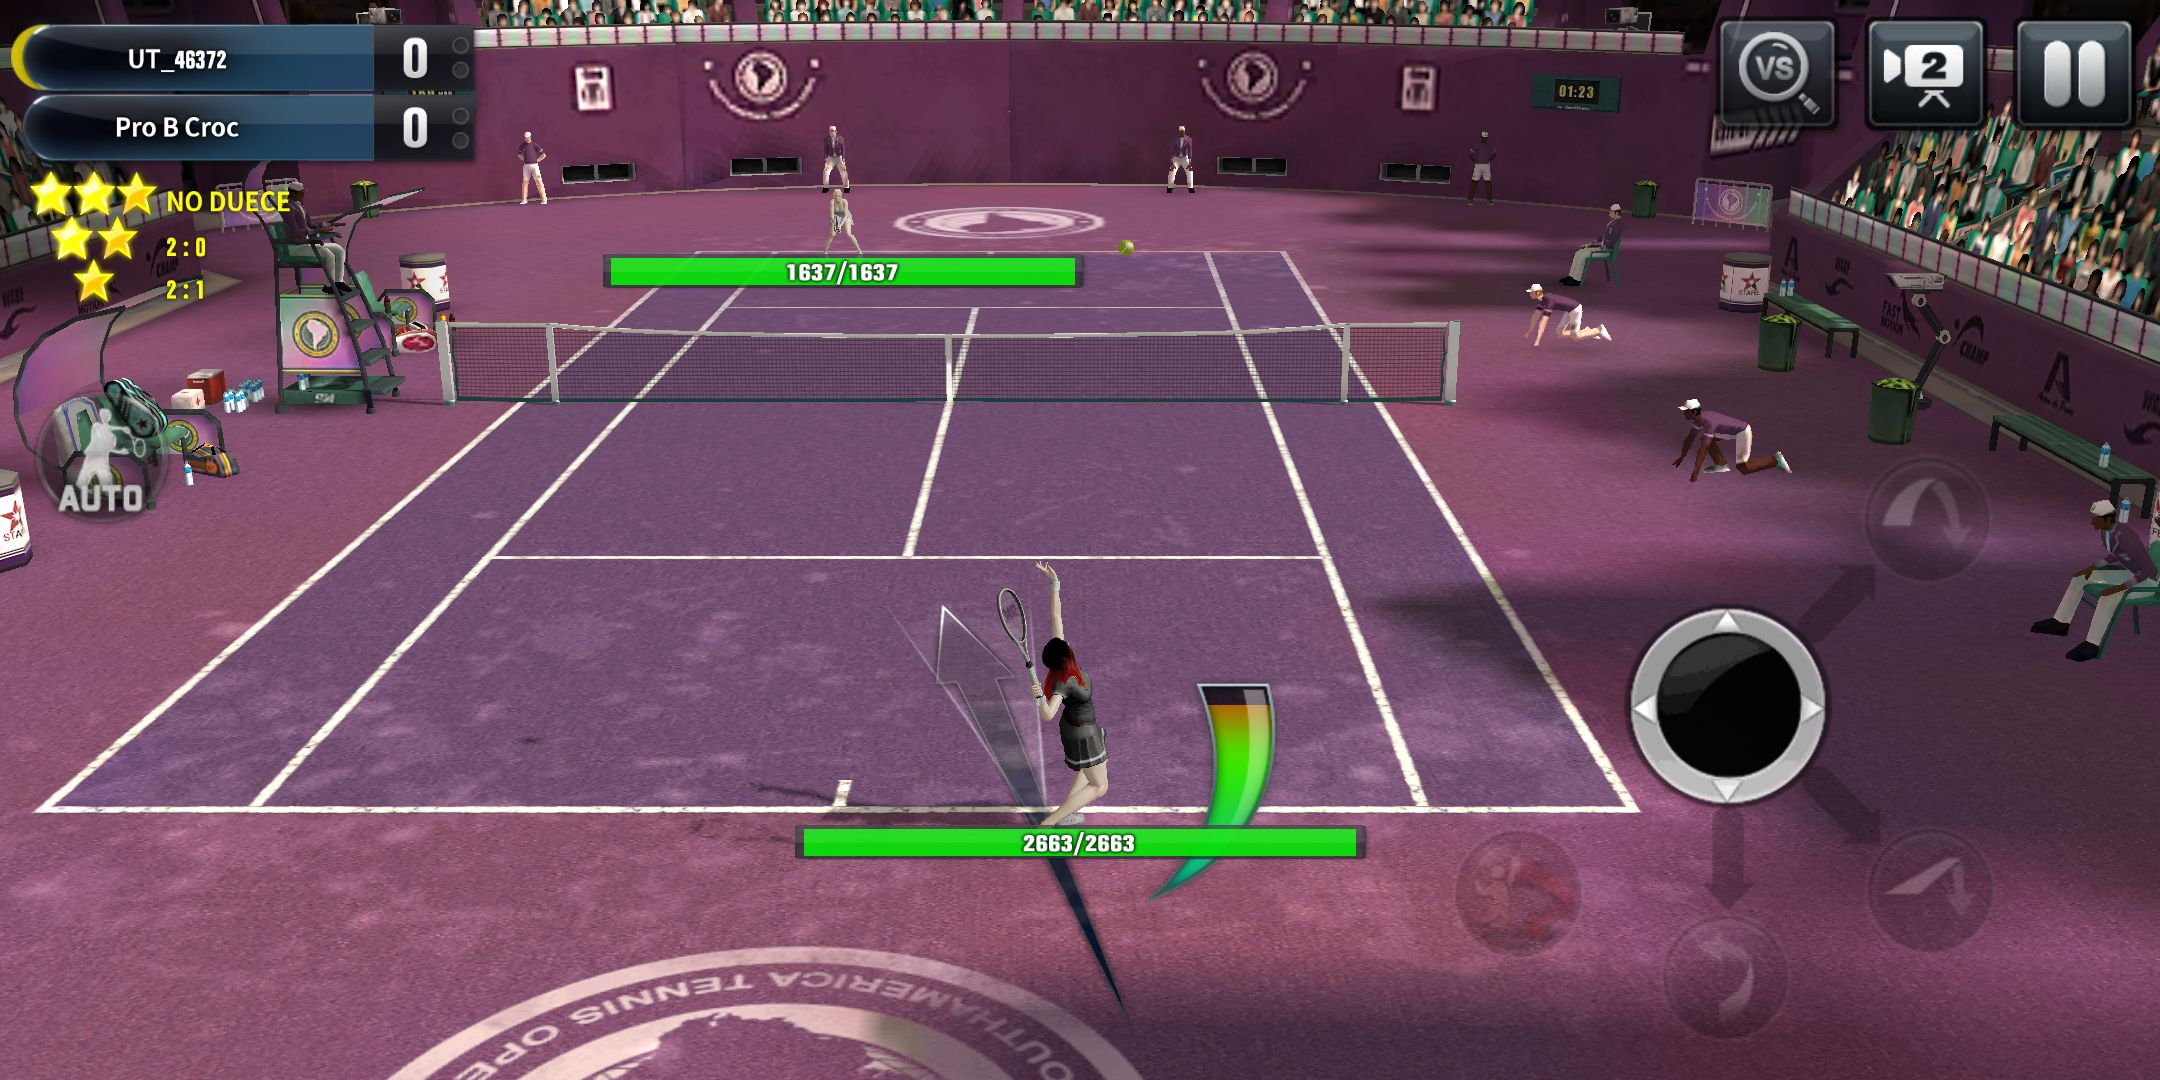 终极网球 游戏截图3